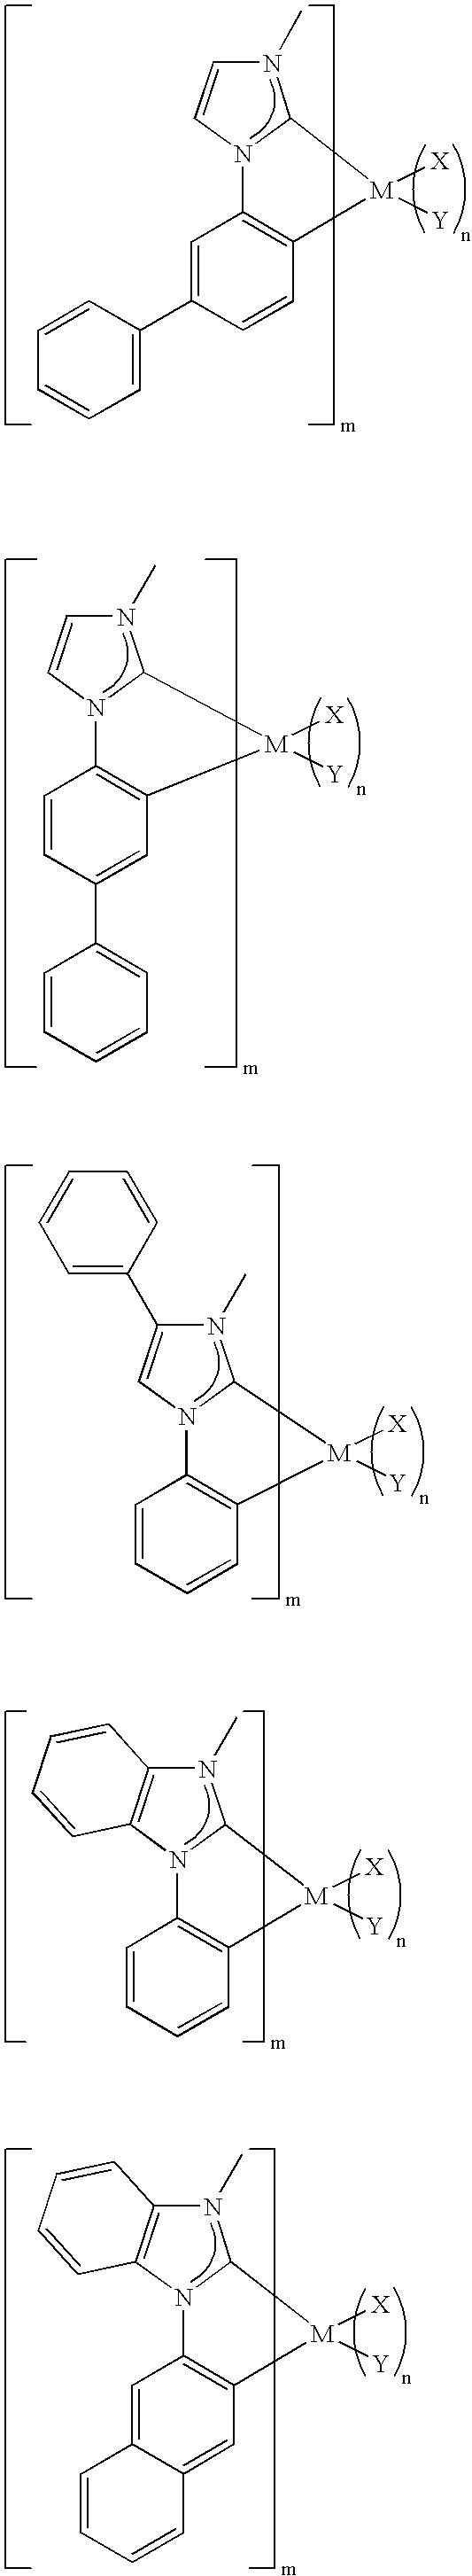 Figure US07445855-20081104-C00031